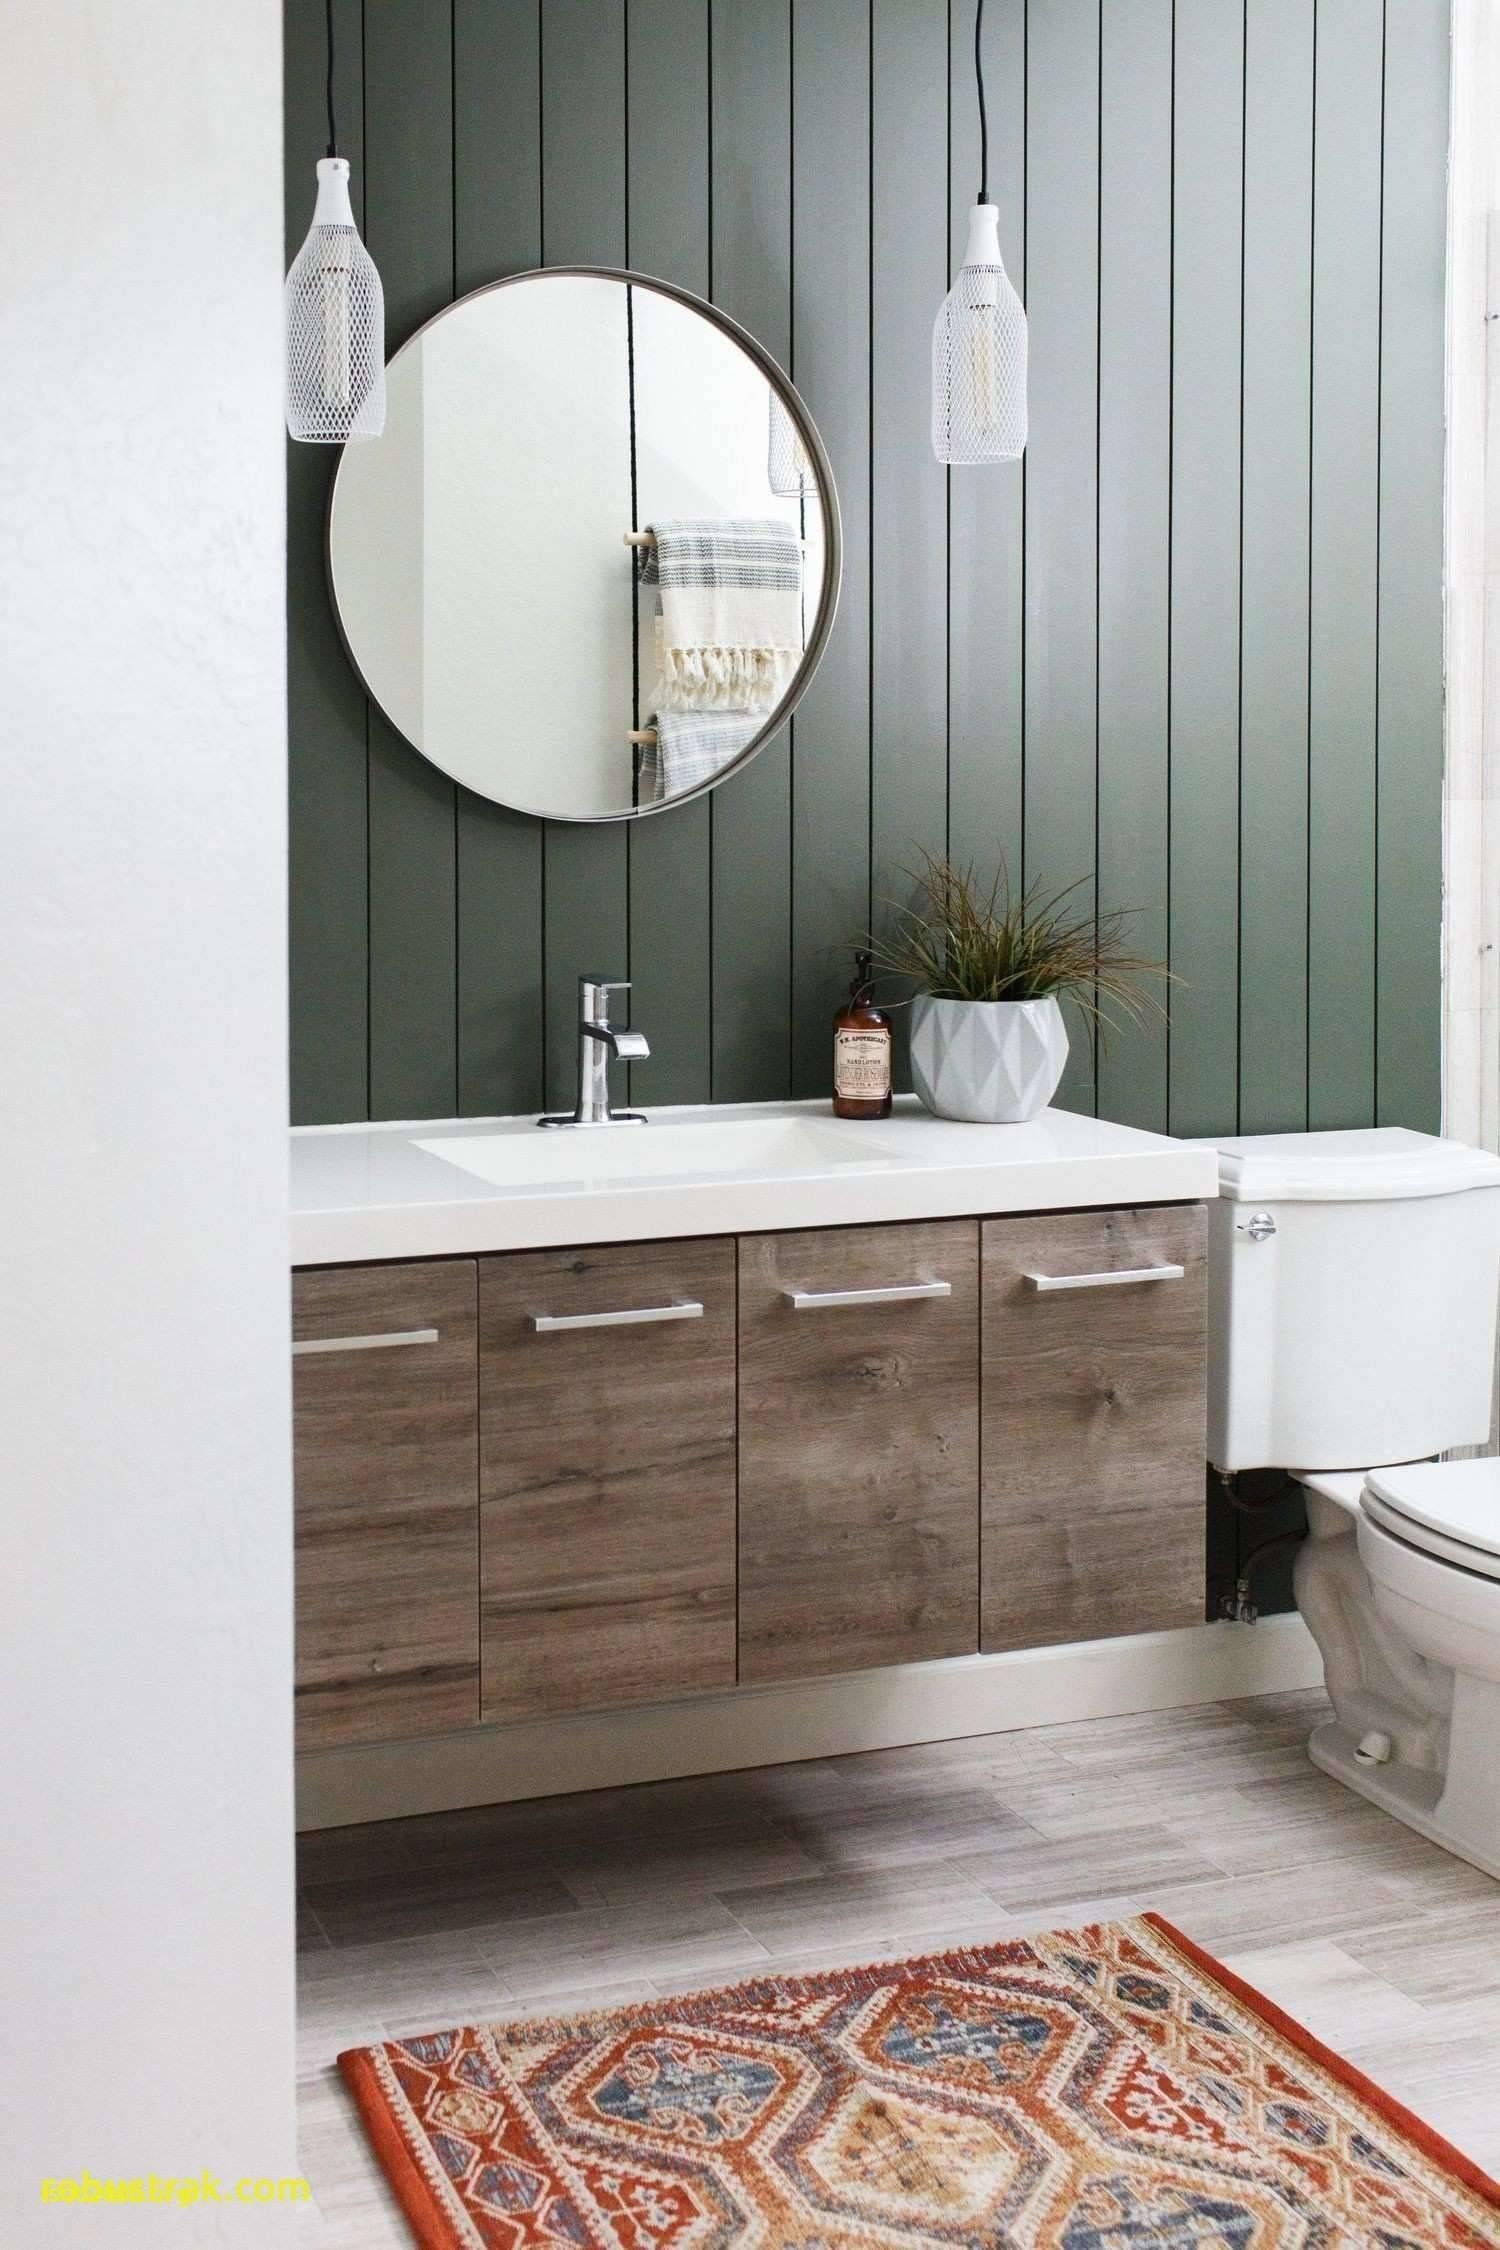 rustic decor ideas for bathroom elegant elegant rustic bathroom ideas home design and interior design of rustic decor ideas for bathroom